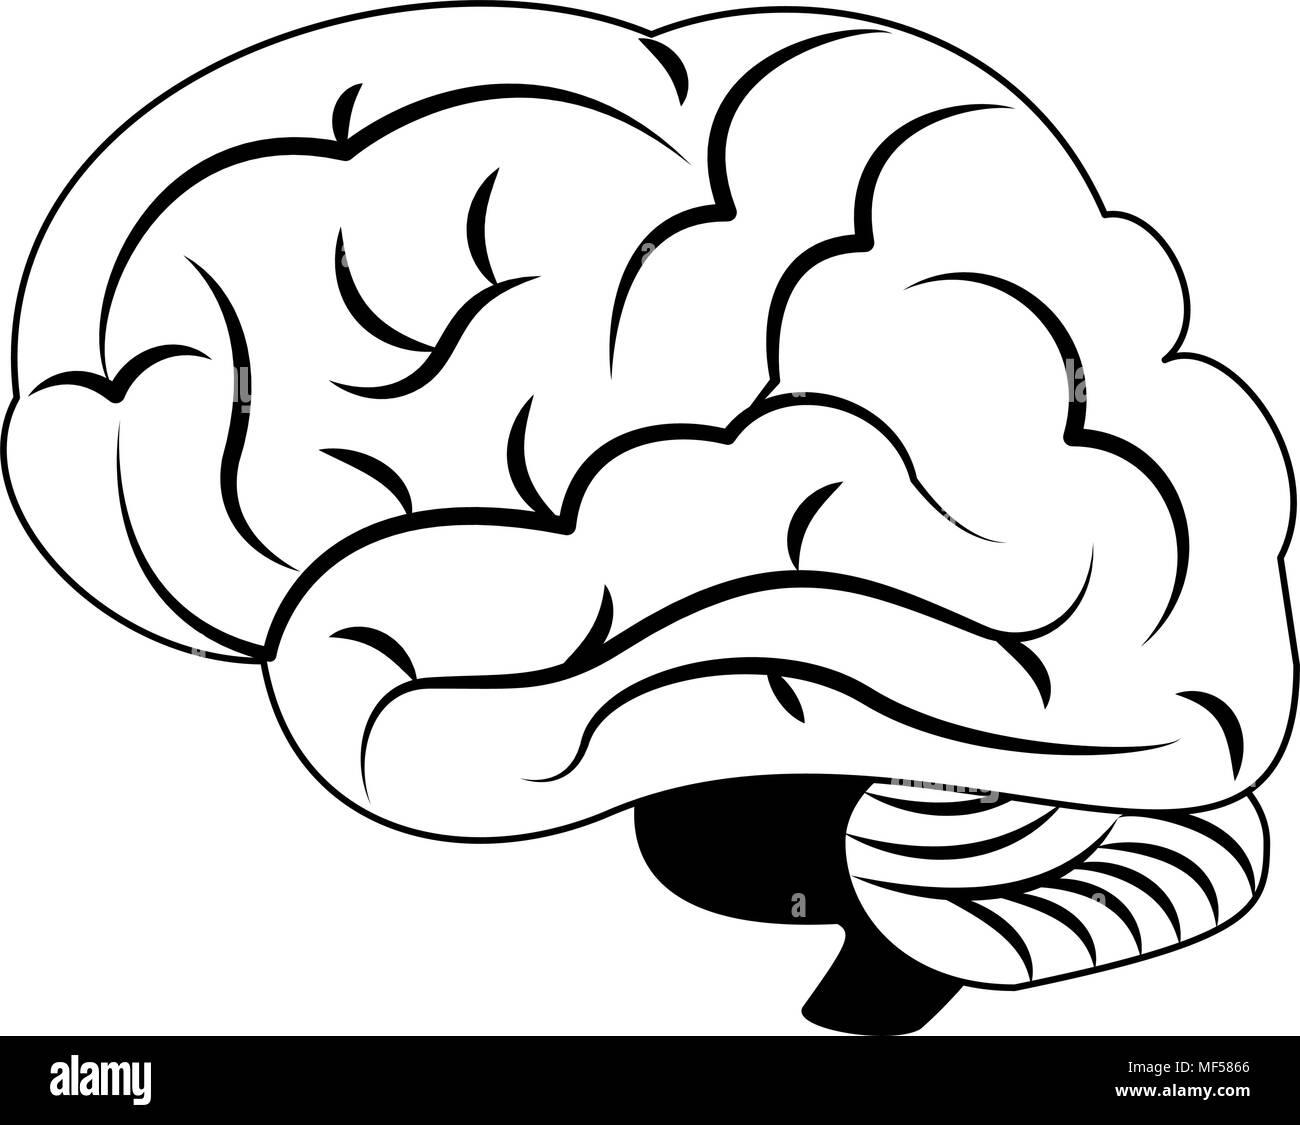 Fantastisch Gehirn Färbung Seite Ideen - Malvorlagen Von Tieren ...